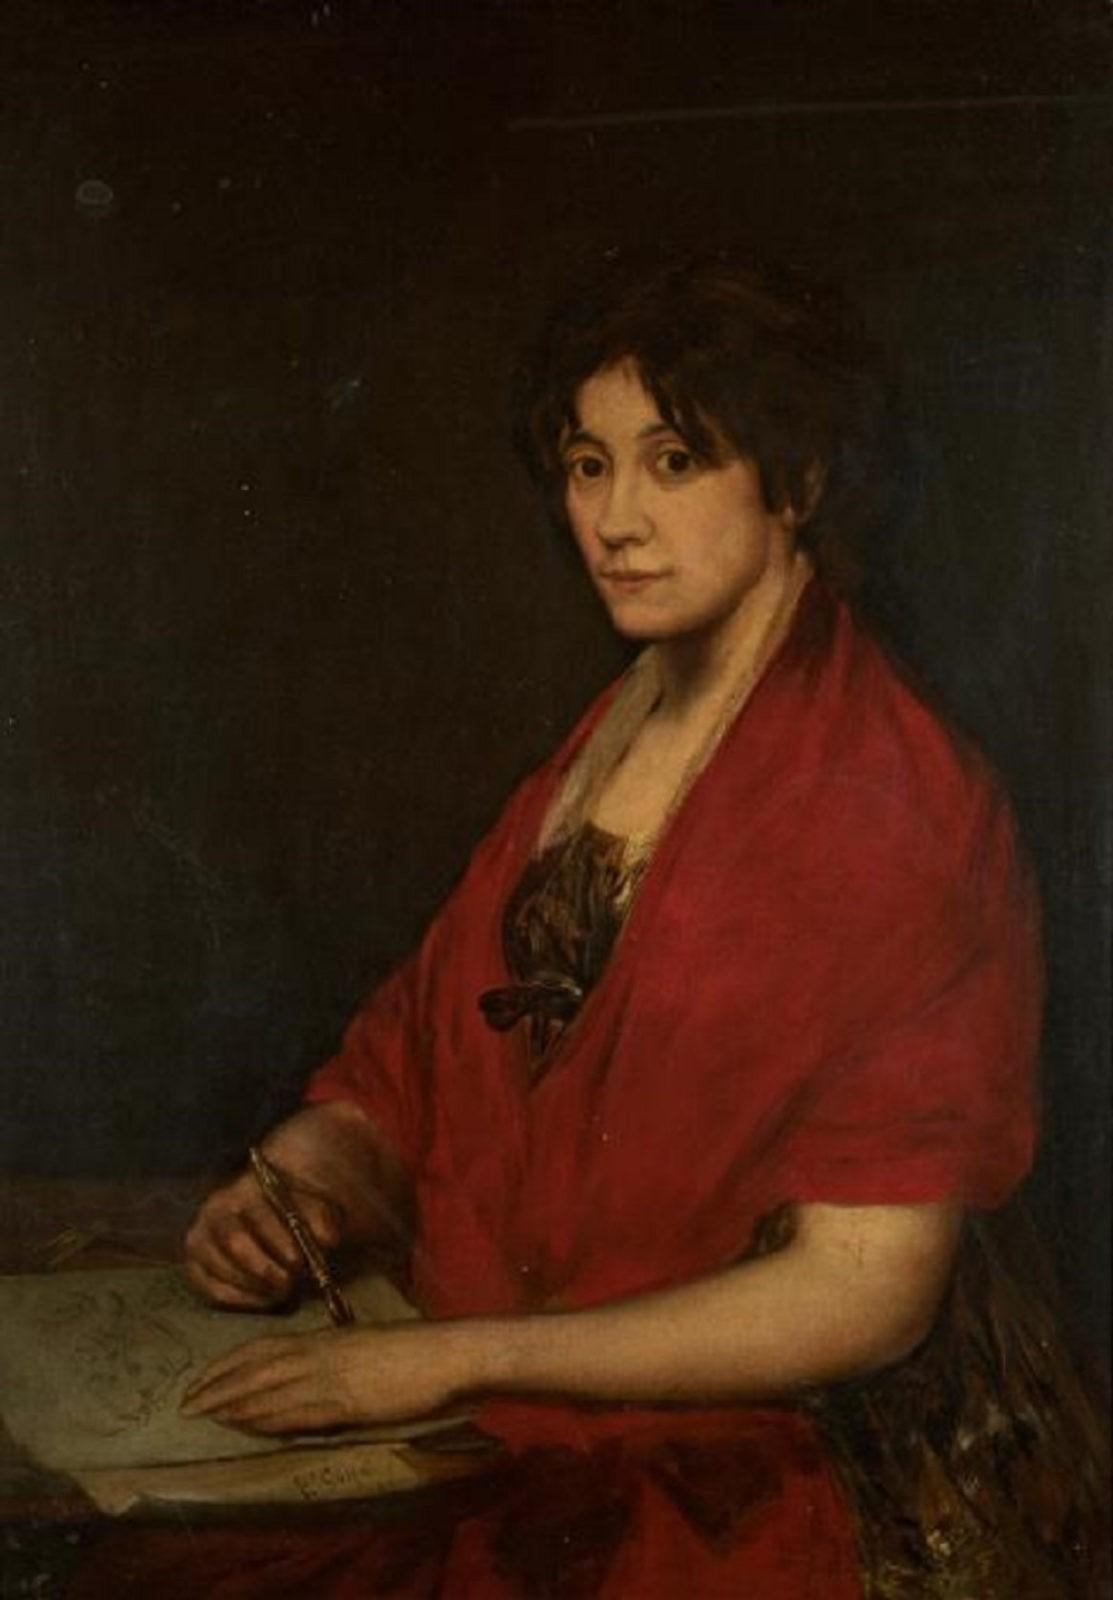 Портрет художницы Лолы Хименес